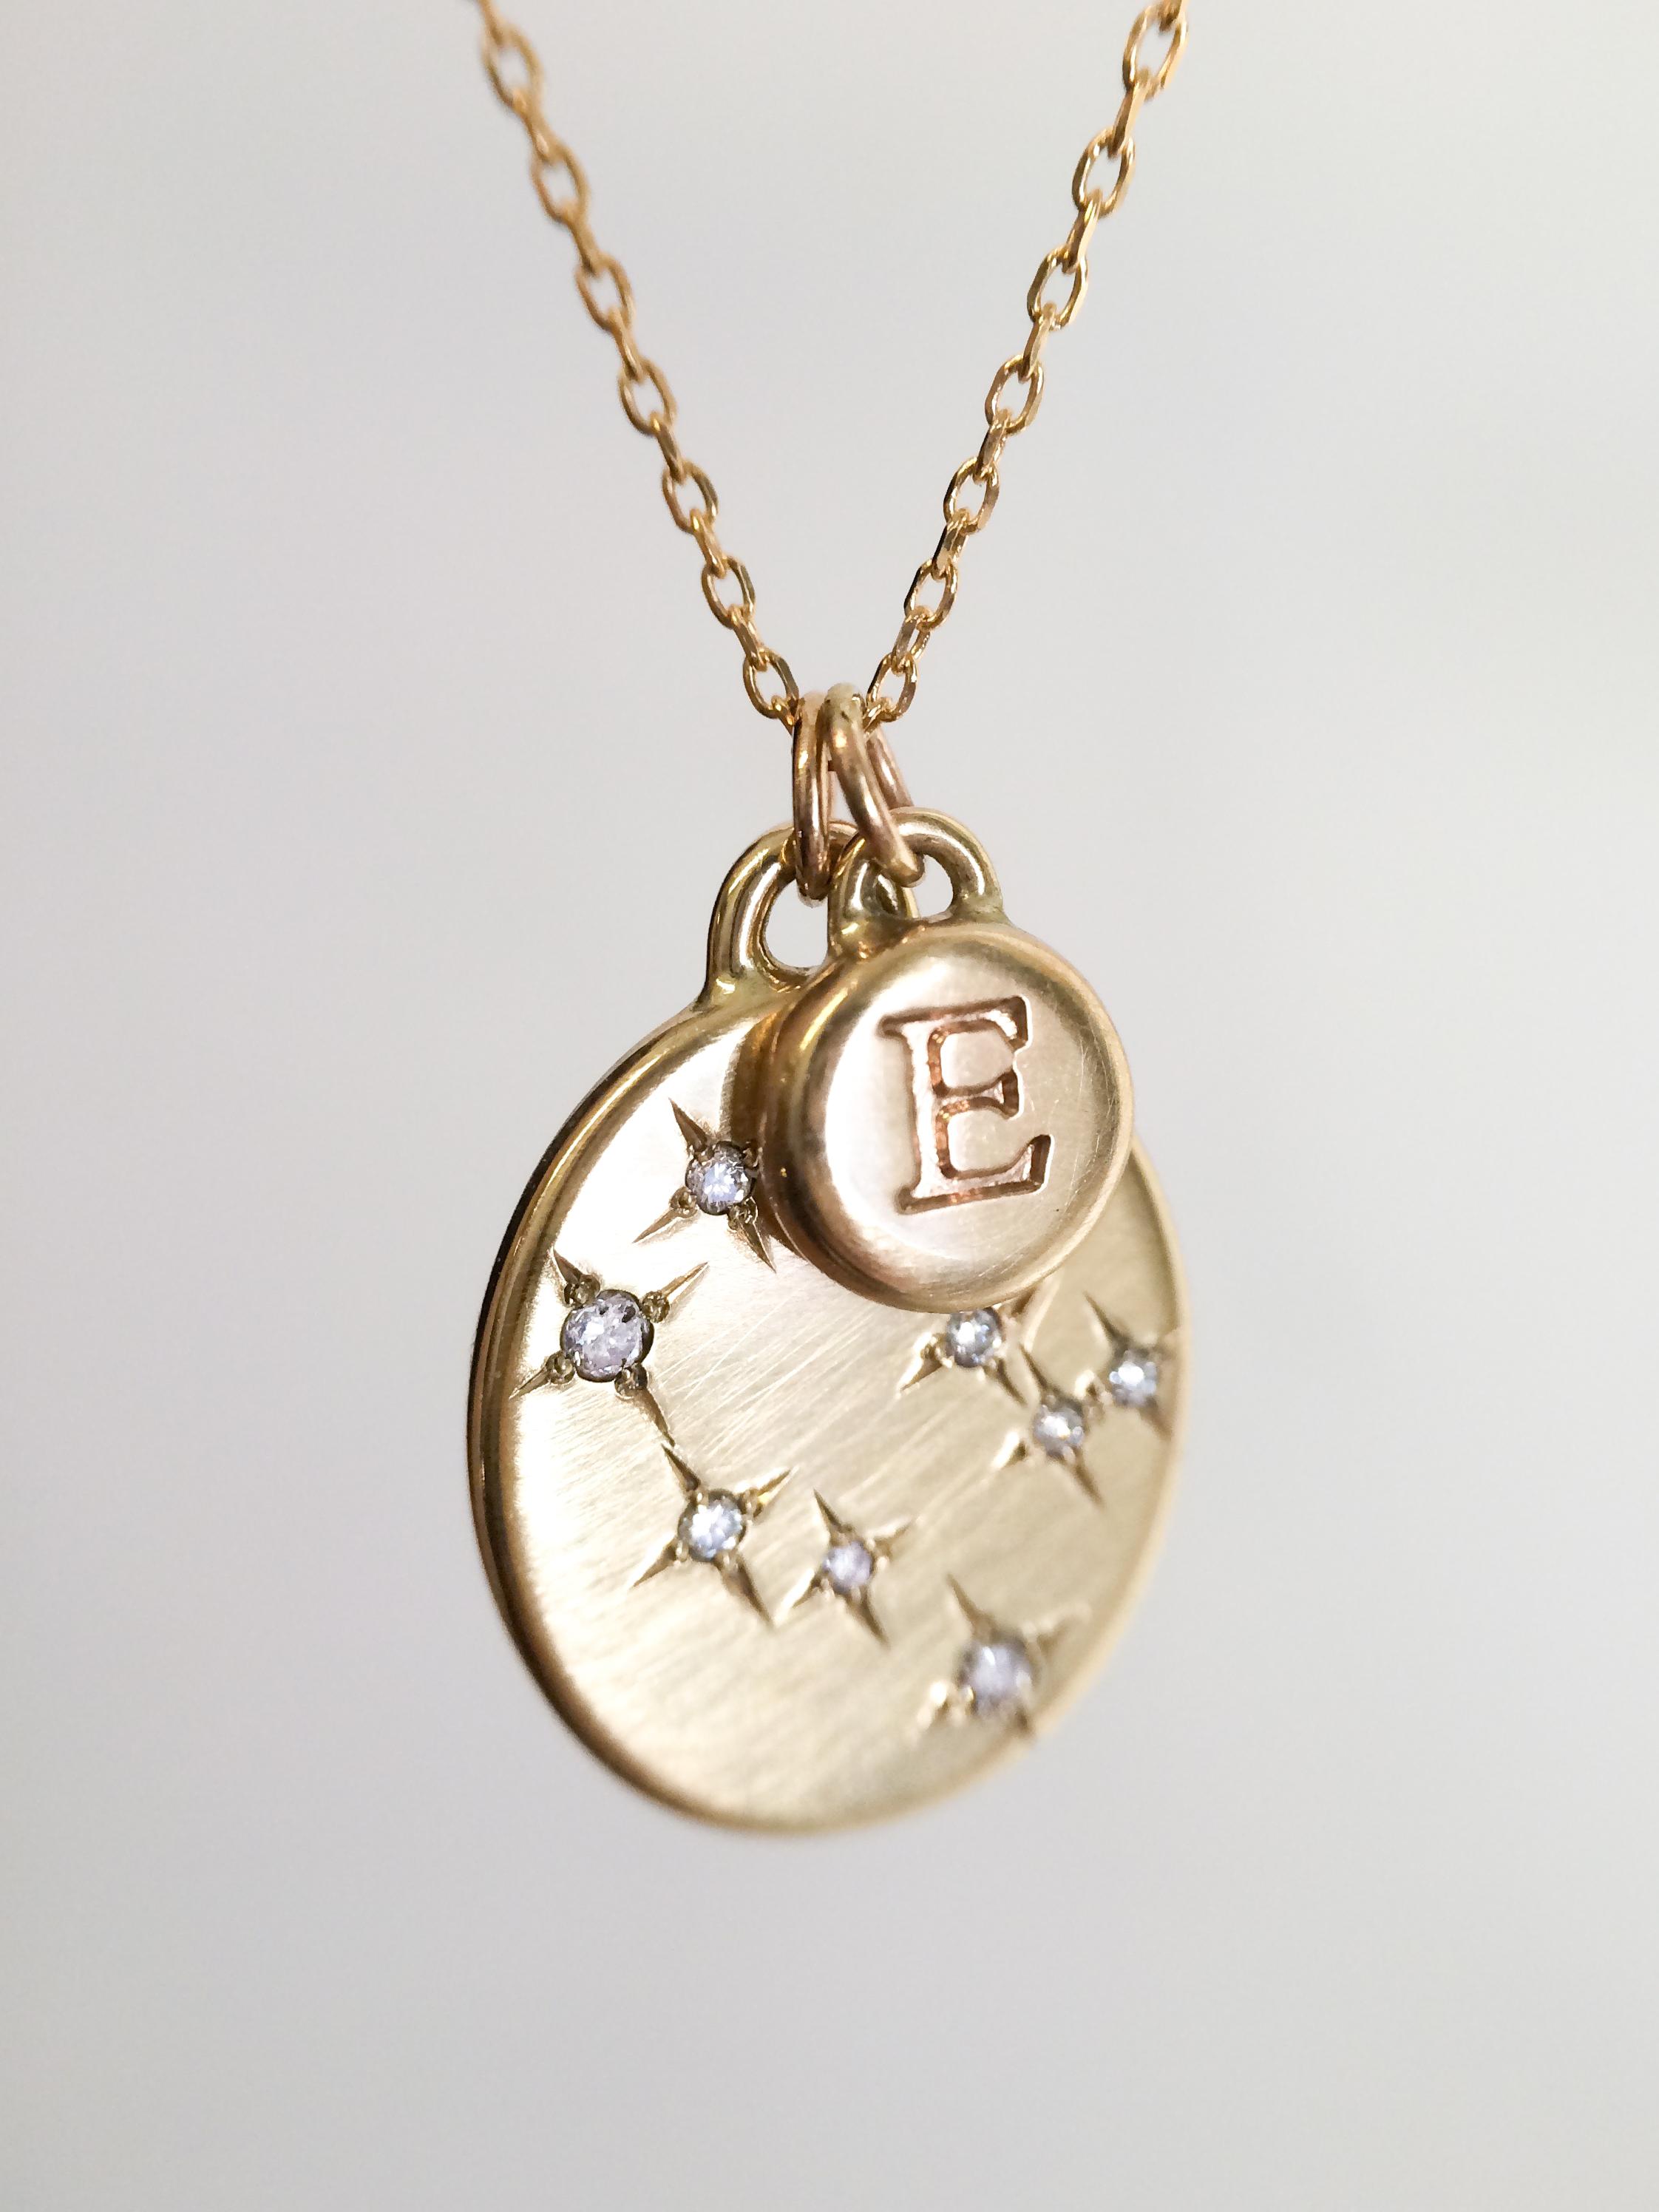 gemini e necklace.jpg